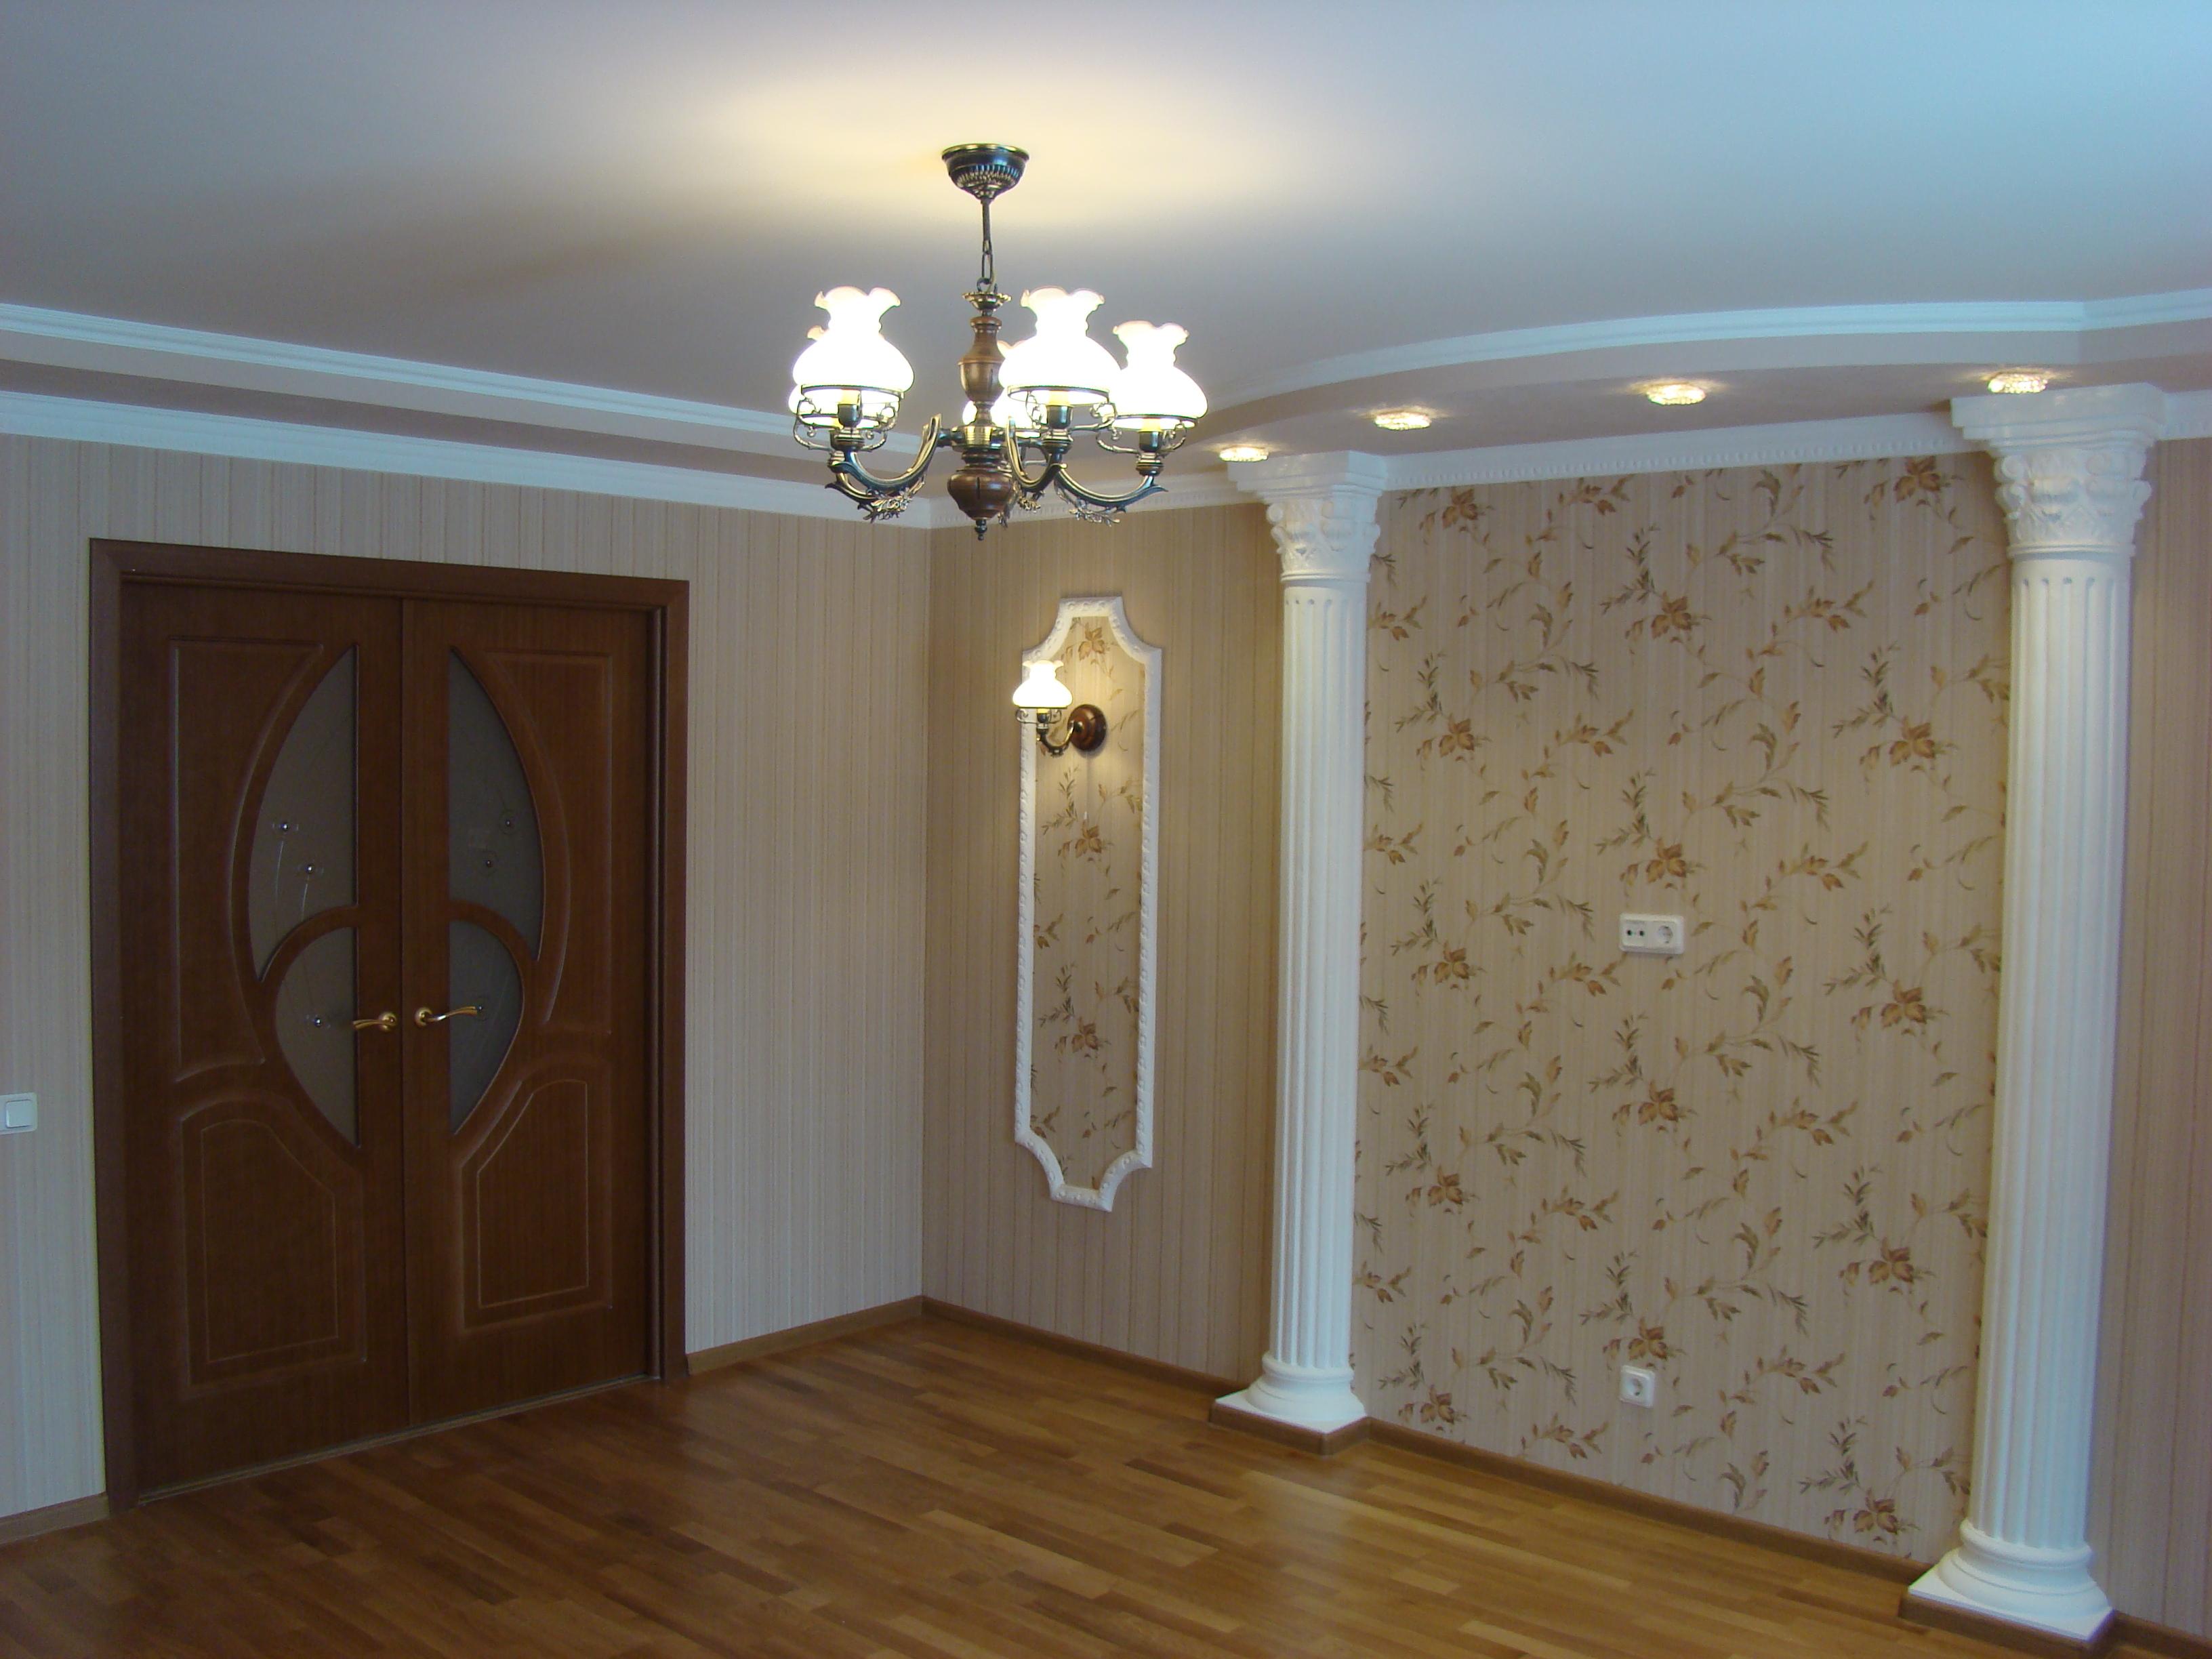 Ремонт и дизайн частного дома своими руками